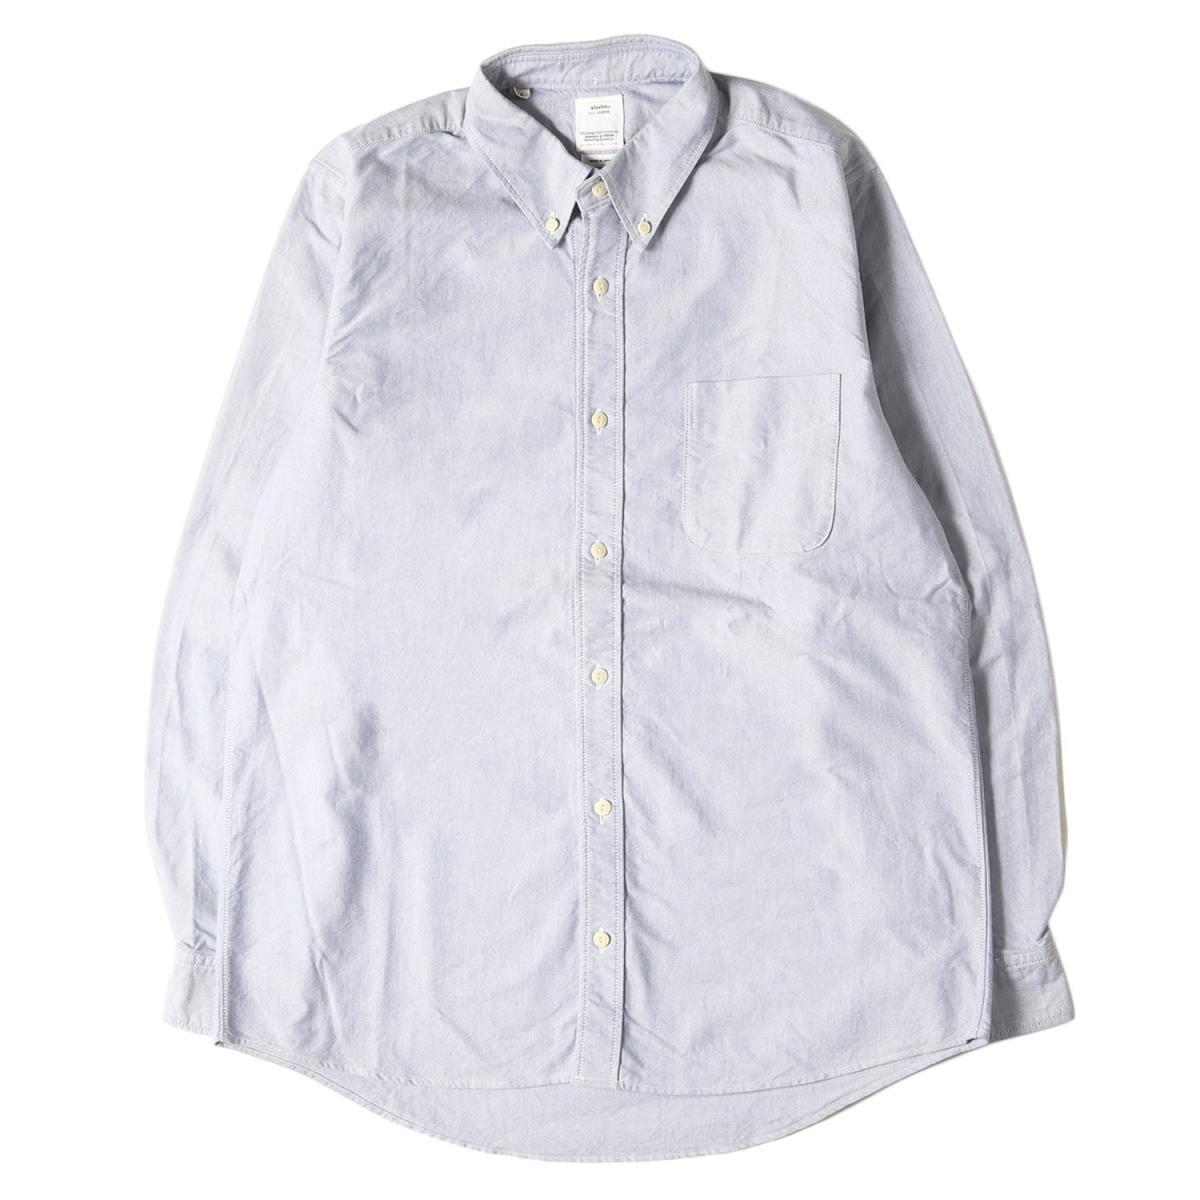 トップス, カジュアルシャツ visvim ALBACORE SHIRT 18SS 3 K3134